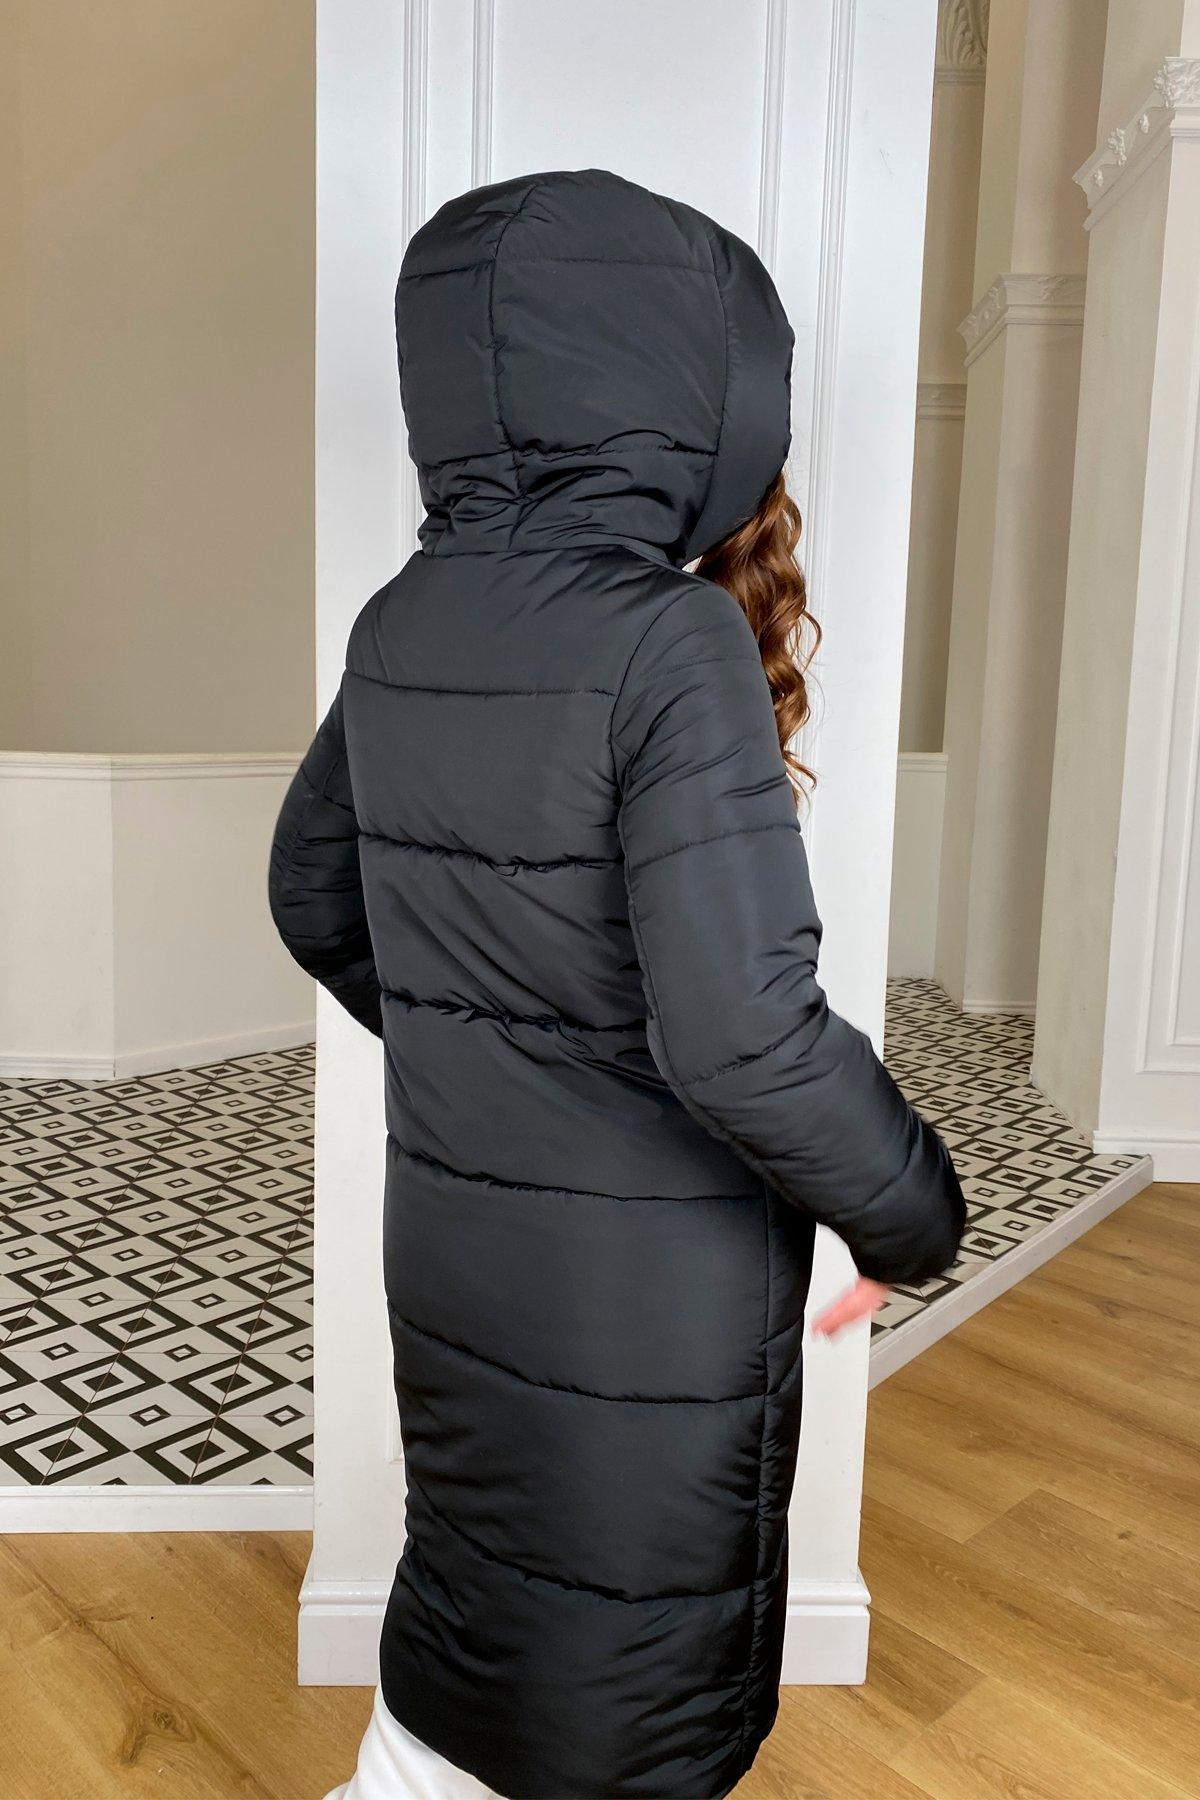 Бланка зимний пуховик из  плащевка Канада 10405 АРТ. 46711 Цвет: Черный - фото 5, интернет магазин tm-modus.ru